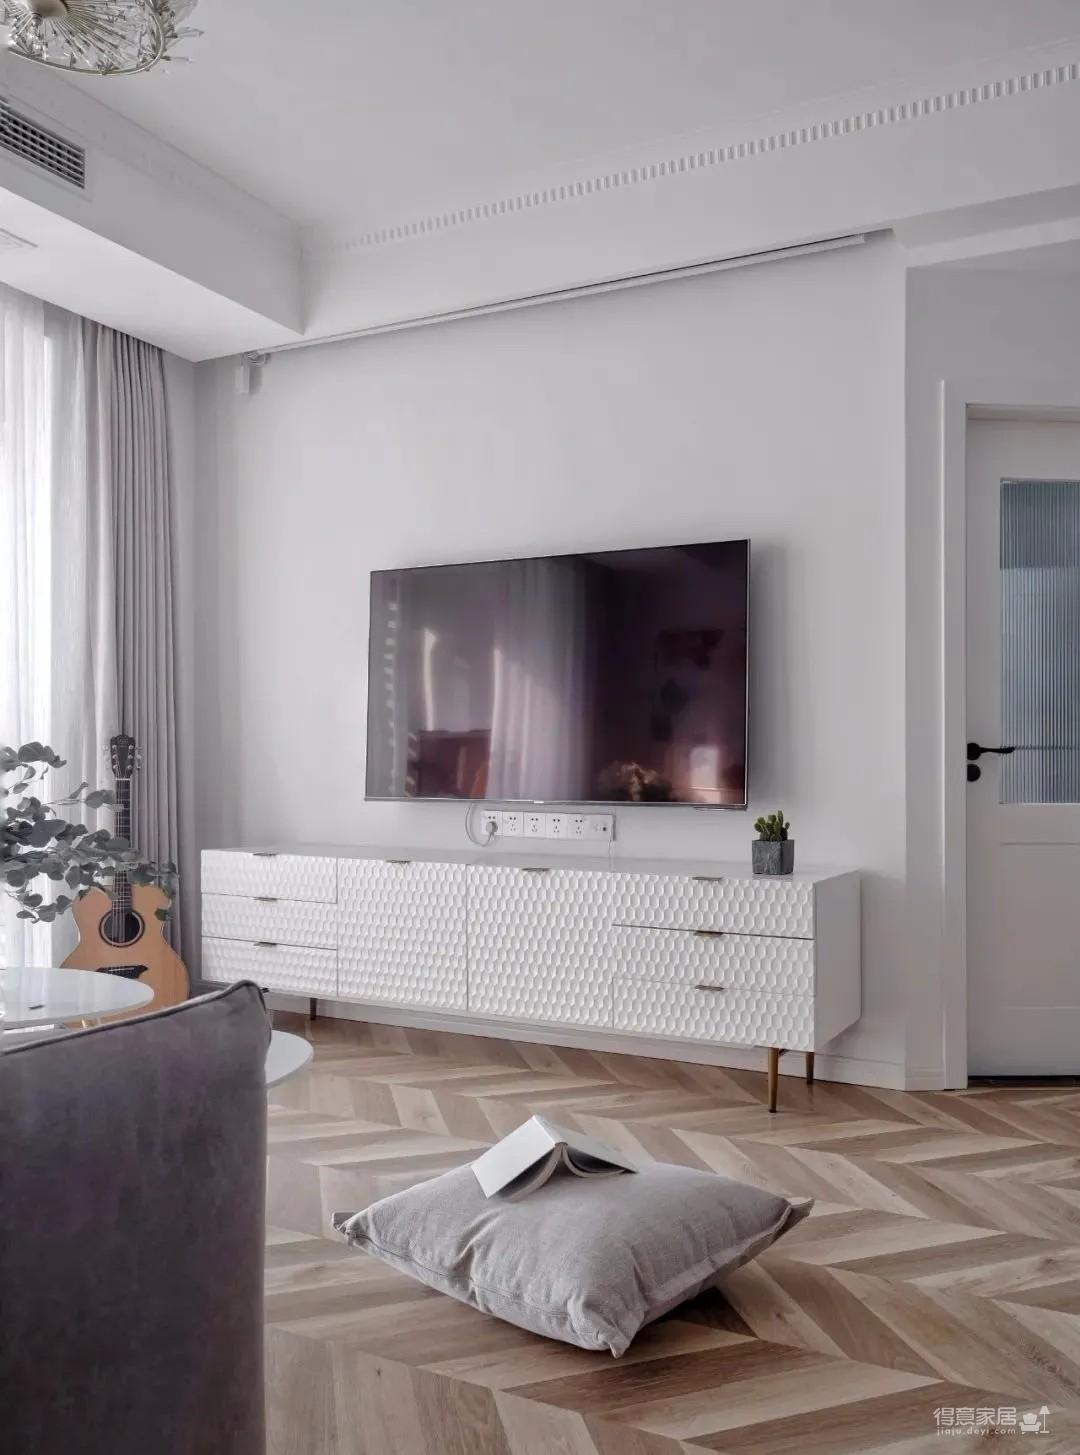 两居室改成主卧+衣帽间+休闲室的套间,住起来太爽了!图_4